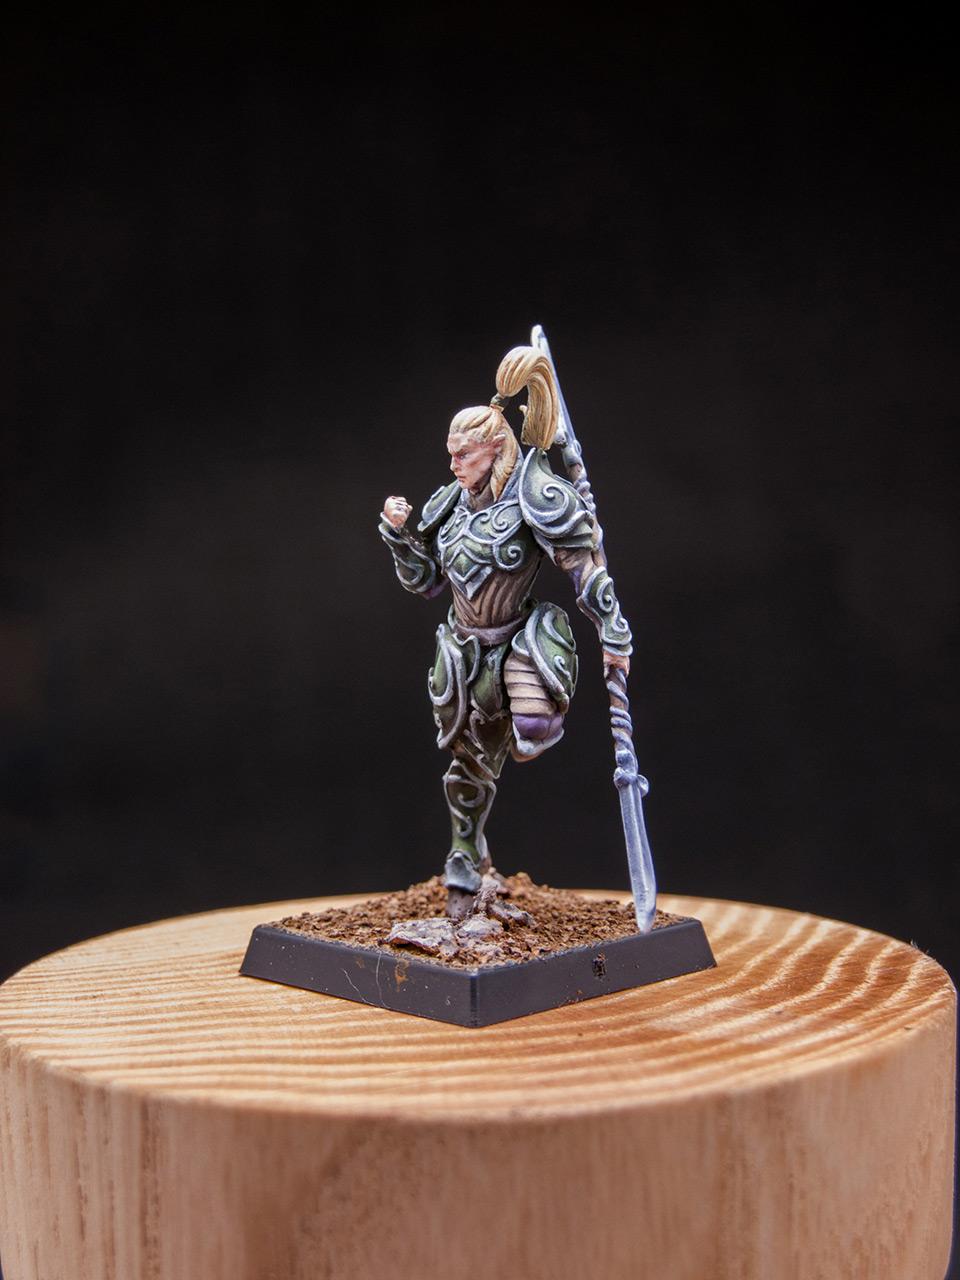 Разное: Эльфы Серебряной гвардии, фото #10